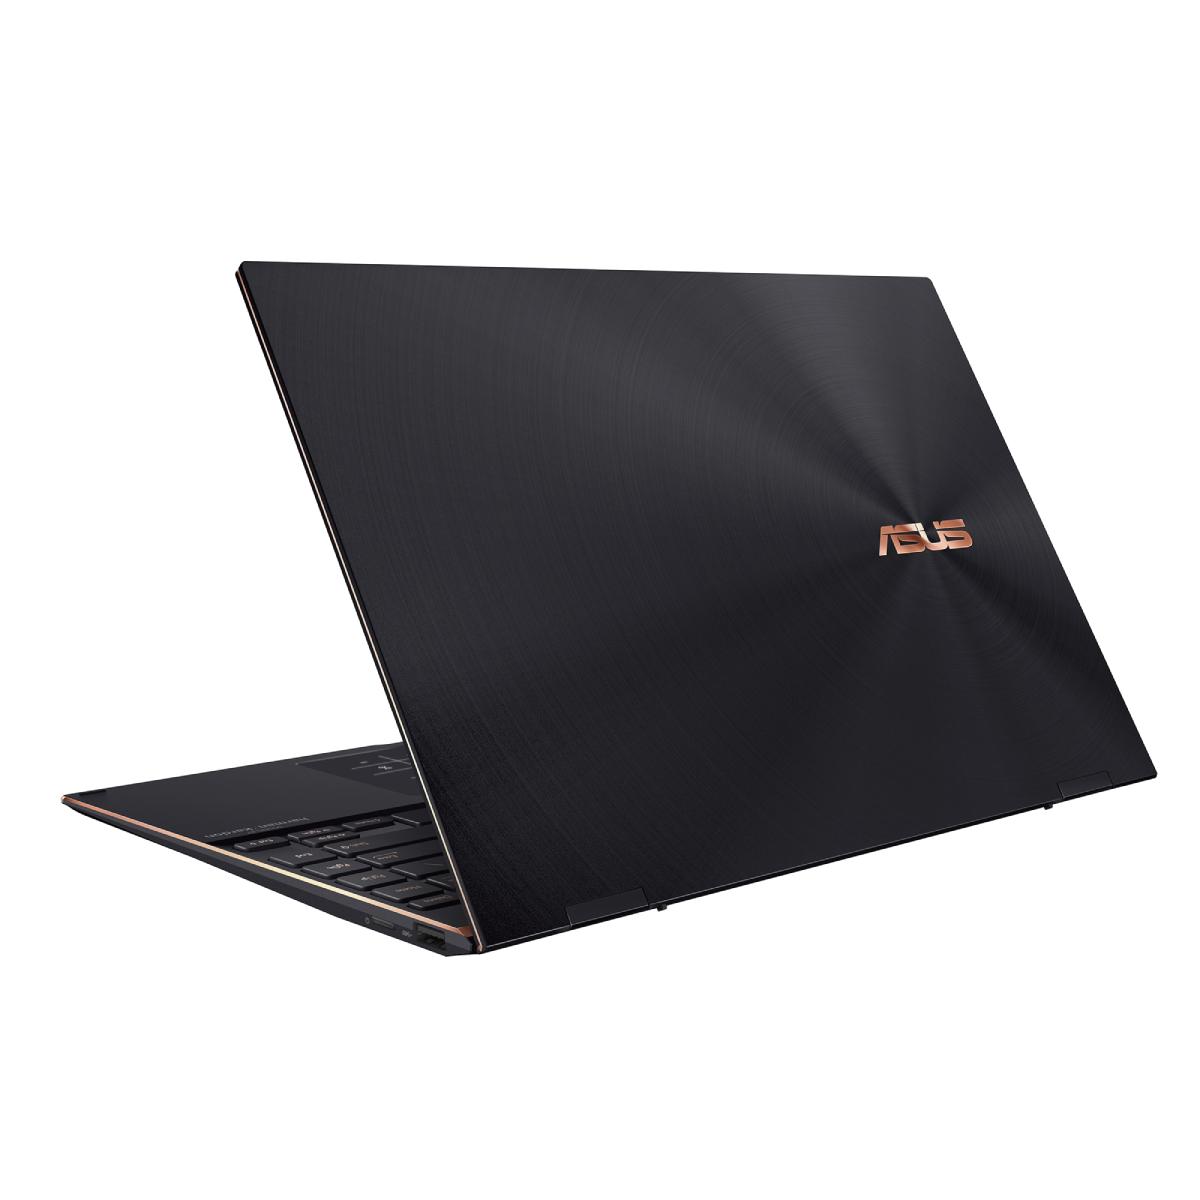 ASUS Zenbook Flip S UX371EA